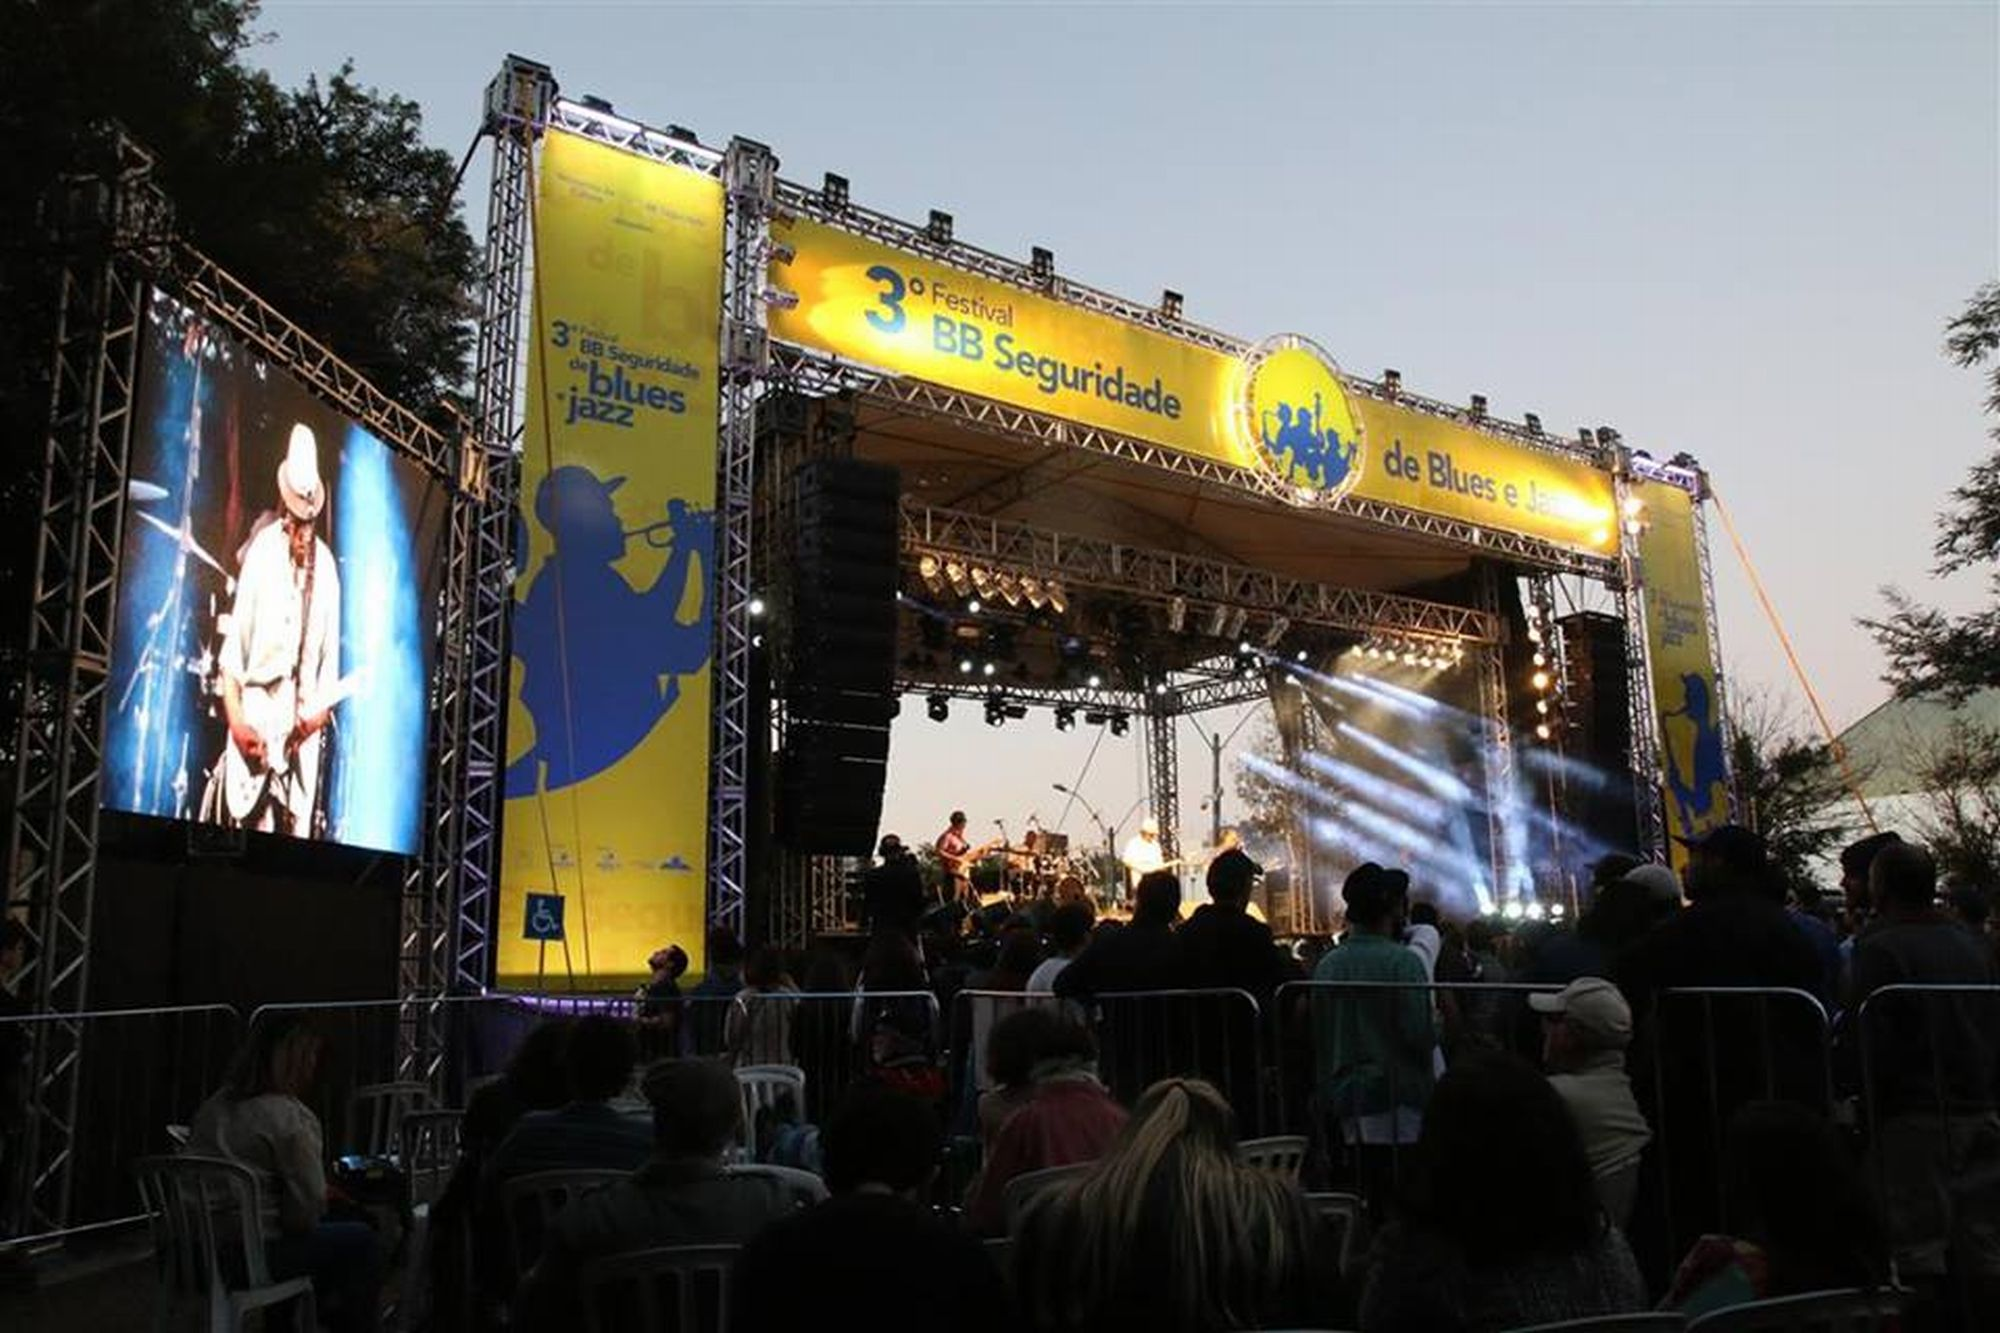 Festival de blues e jazz gratuito traz grandes nomes da música a Curitiba